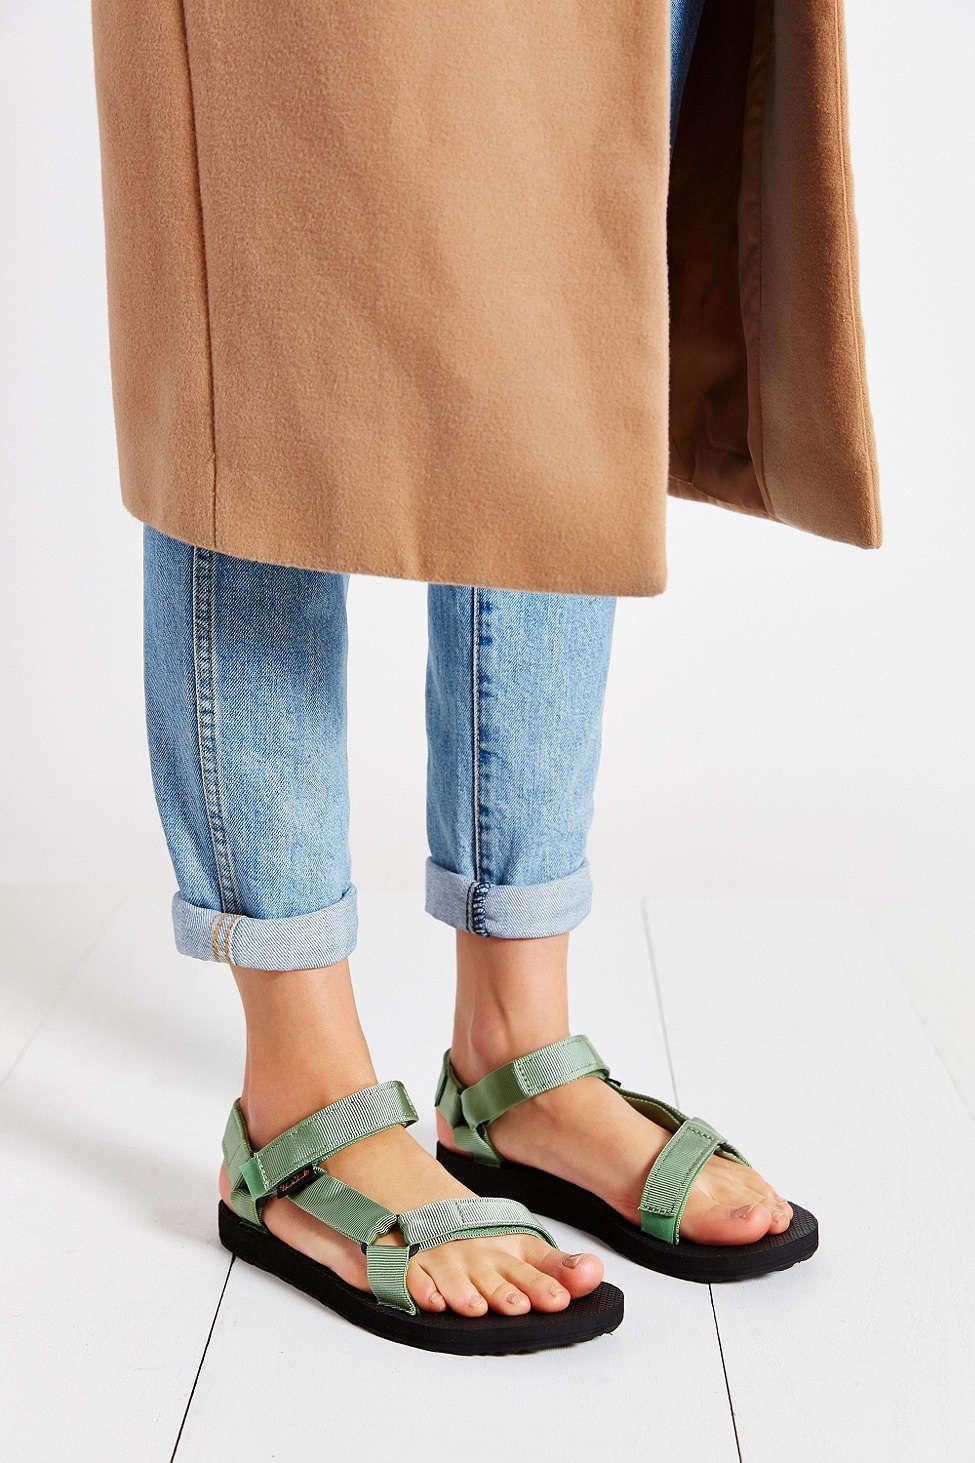 6c06c691e10 Teva Original Universal Sandal